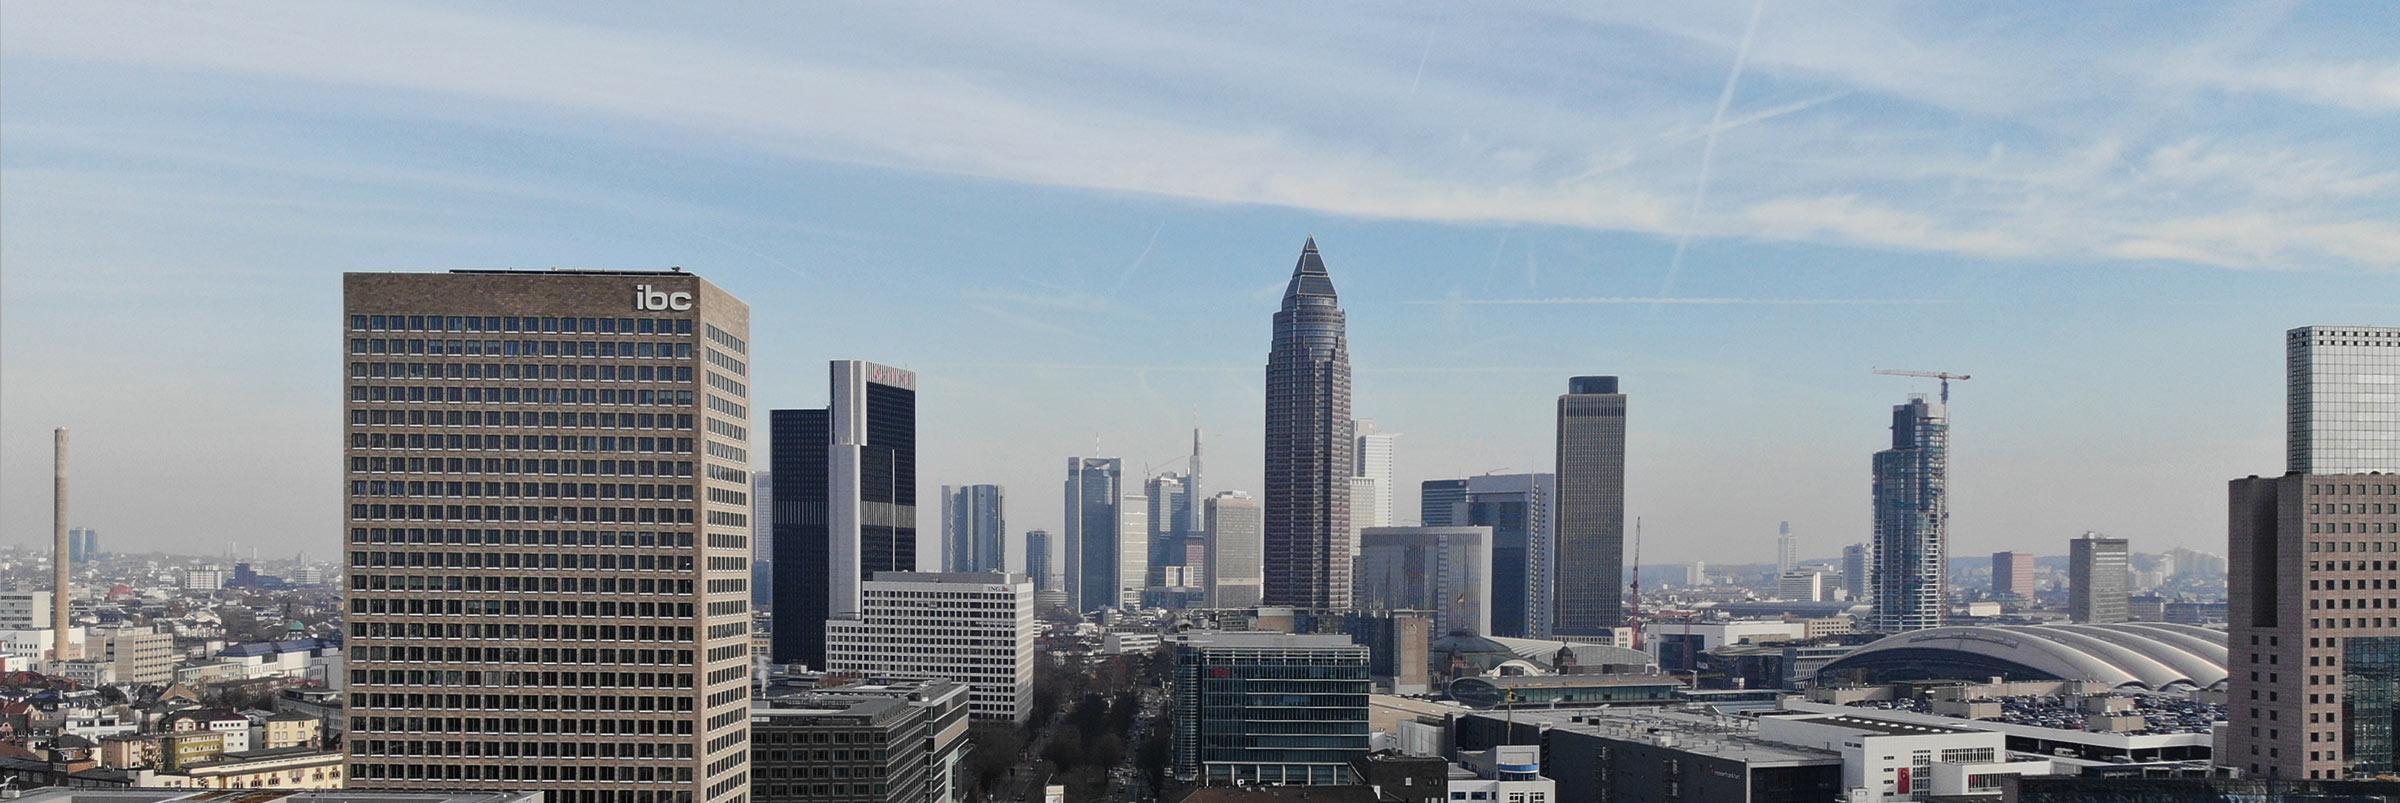 Frankfurt Silhouette der Stadt - Stadtpanorama - Panorama von Mainhattan - Skyline Frankfurt mit IBC Hochhaus und Messegelände - Messeturm Frankfurt in der Mitte vom Bild